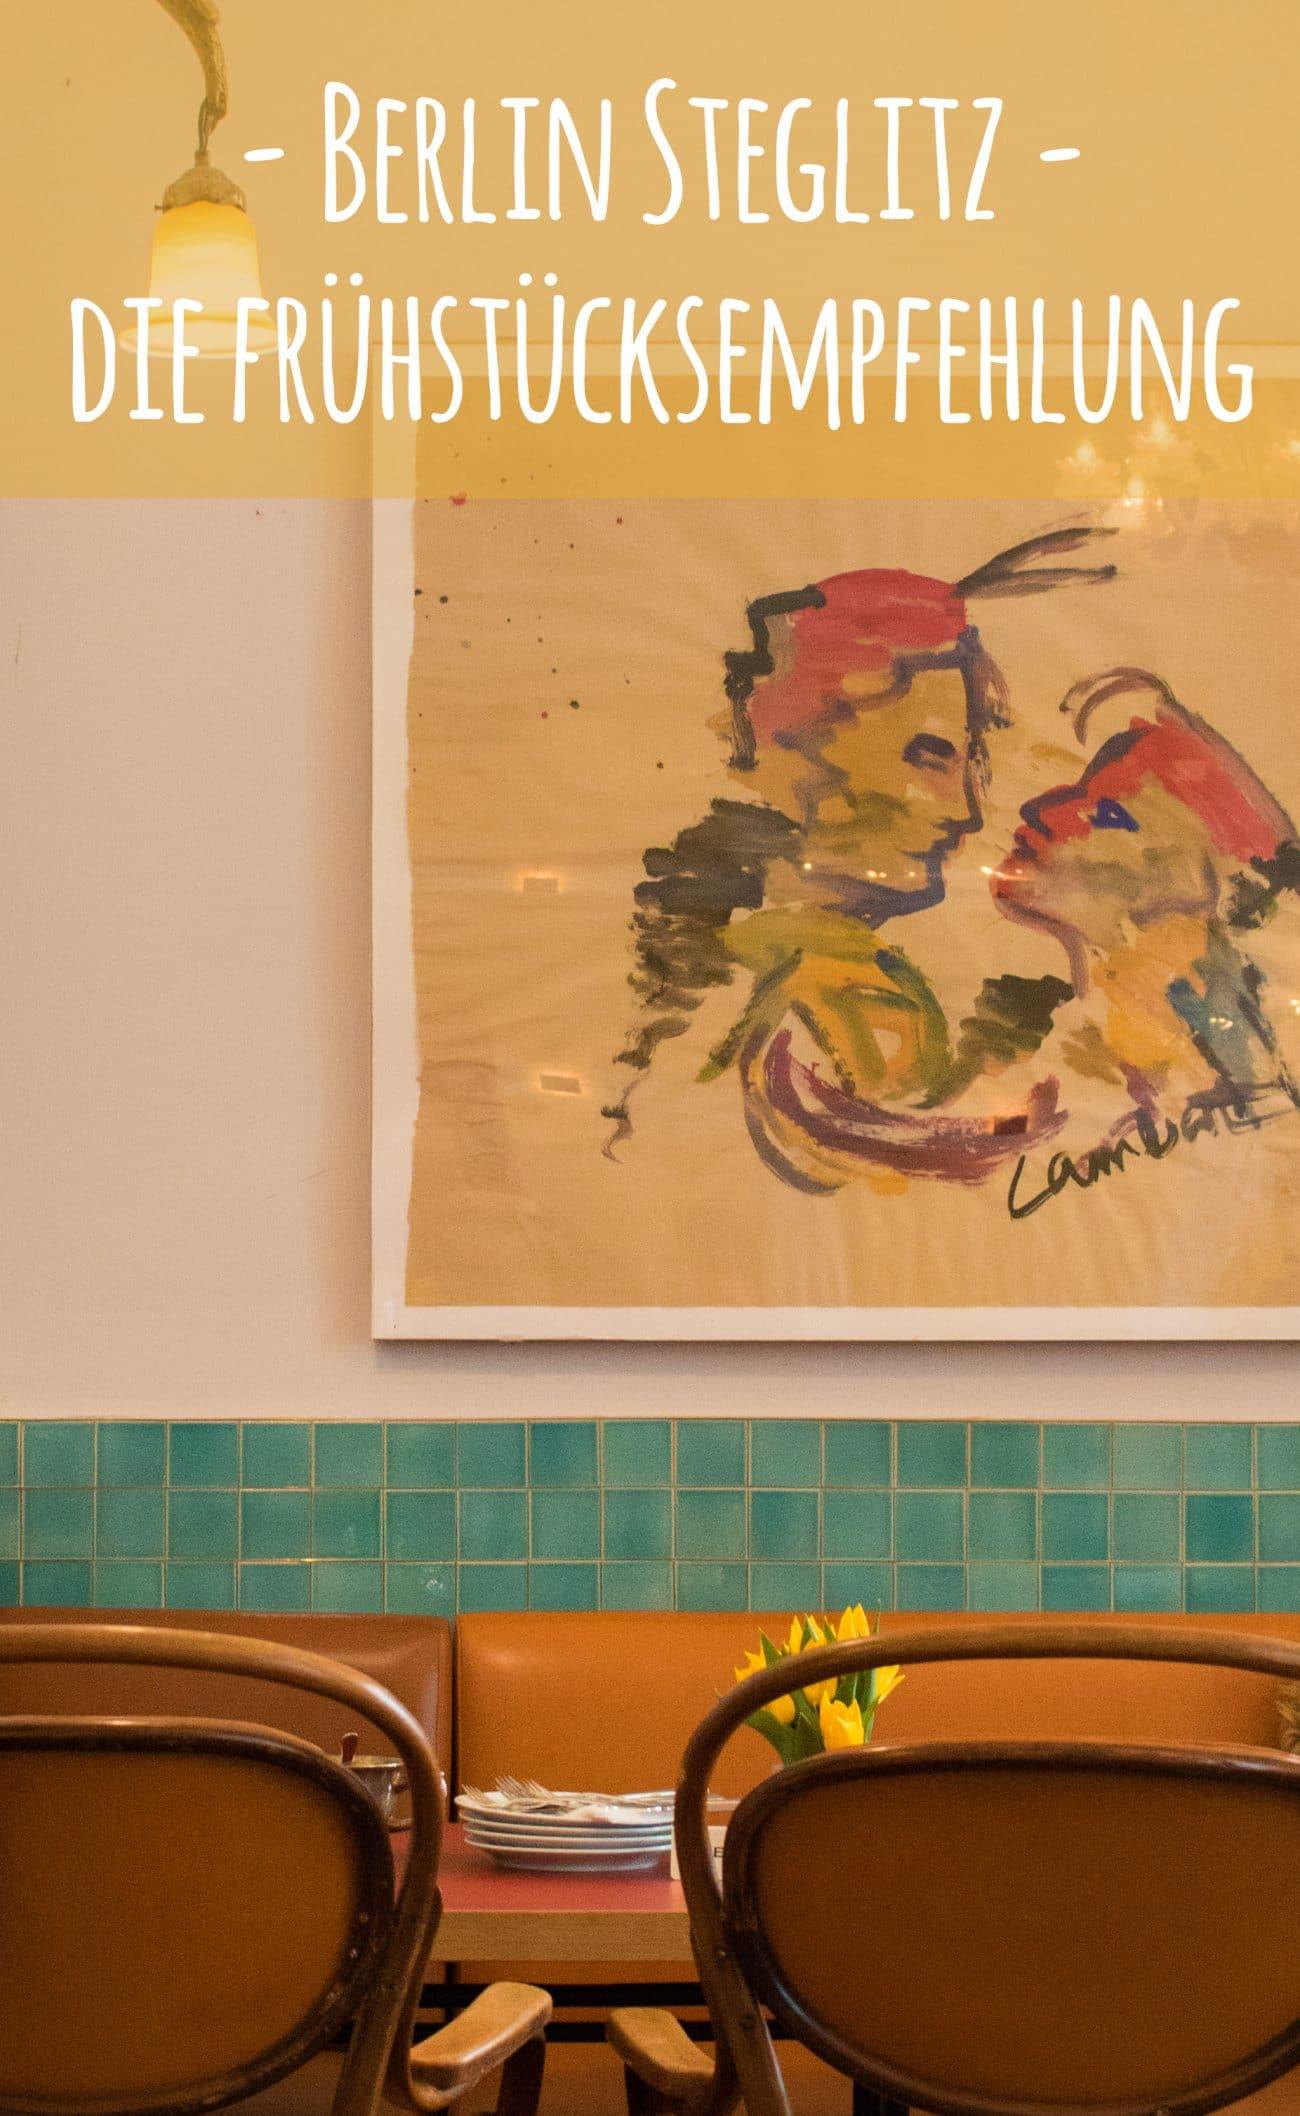 PASSENGER X: Das Café Baier ist die Frühstücksempfehlung für Berlin Steglitz. Frisch gebackene Brötchen und frische Säfte.